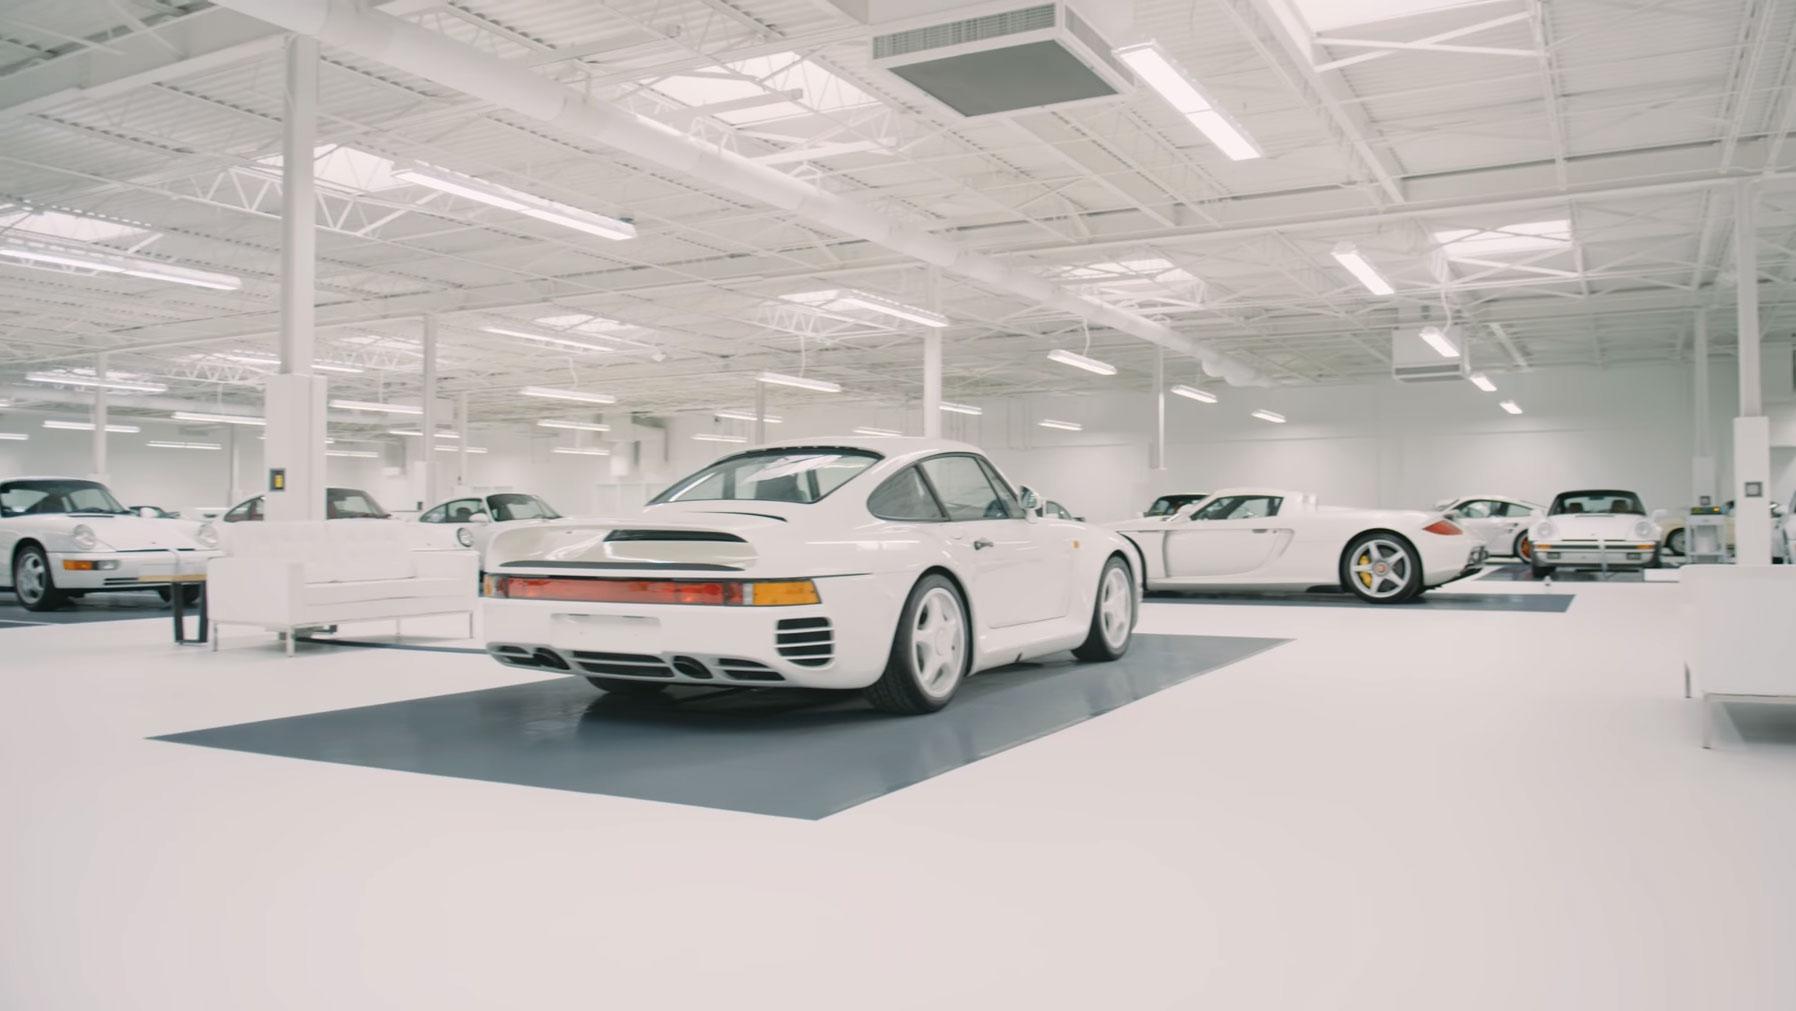 The White Collection PorscheThe White Collection Porsche